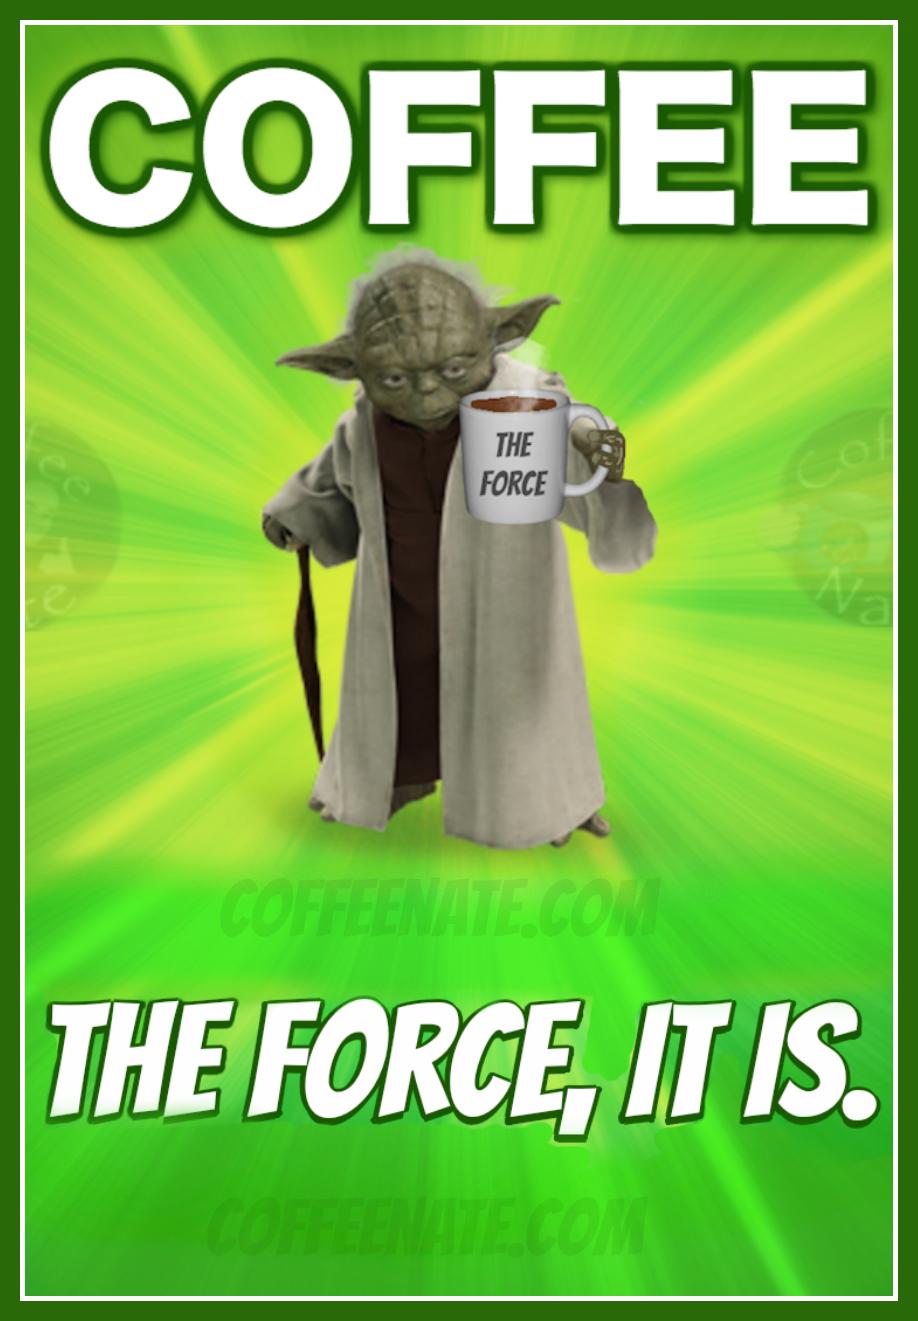 Humorous Wednesday Coffee Meme wednesday coffee humor